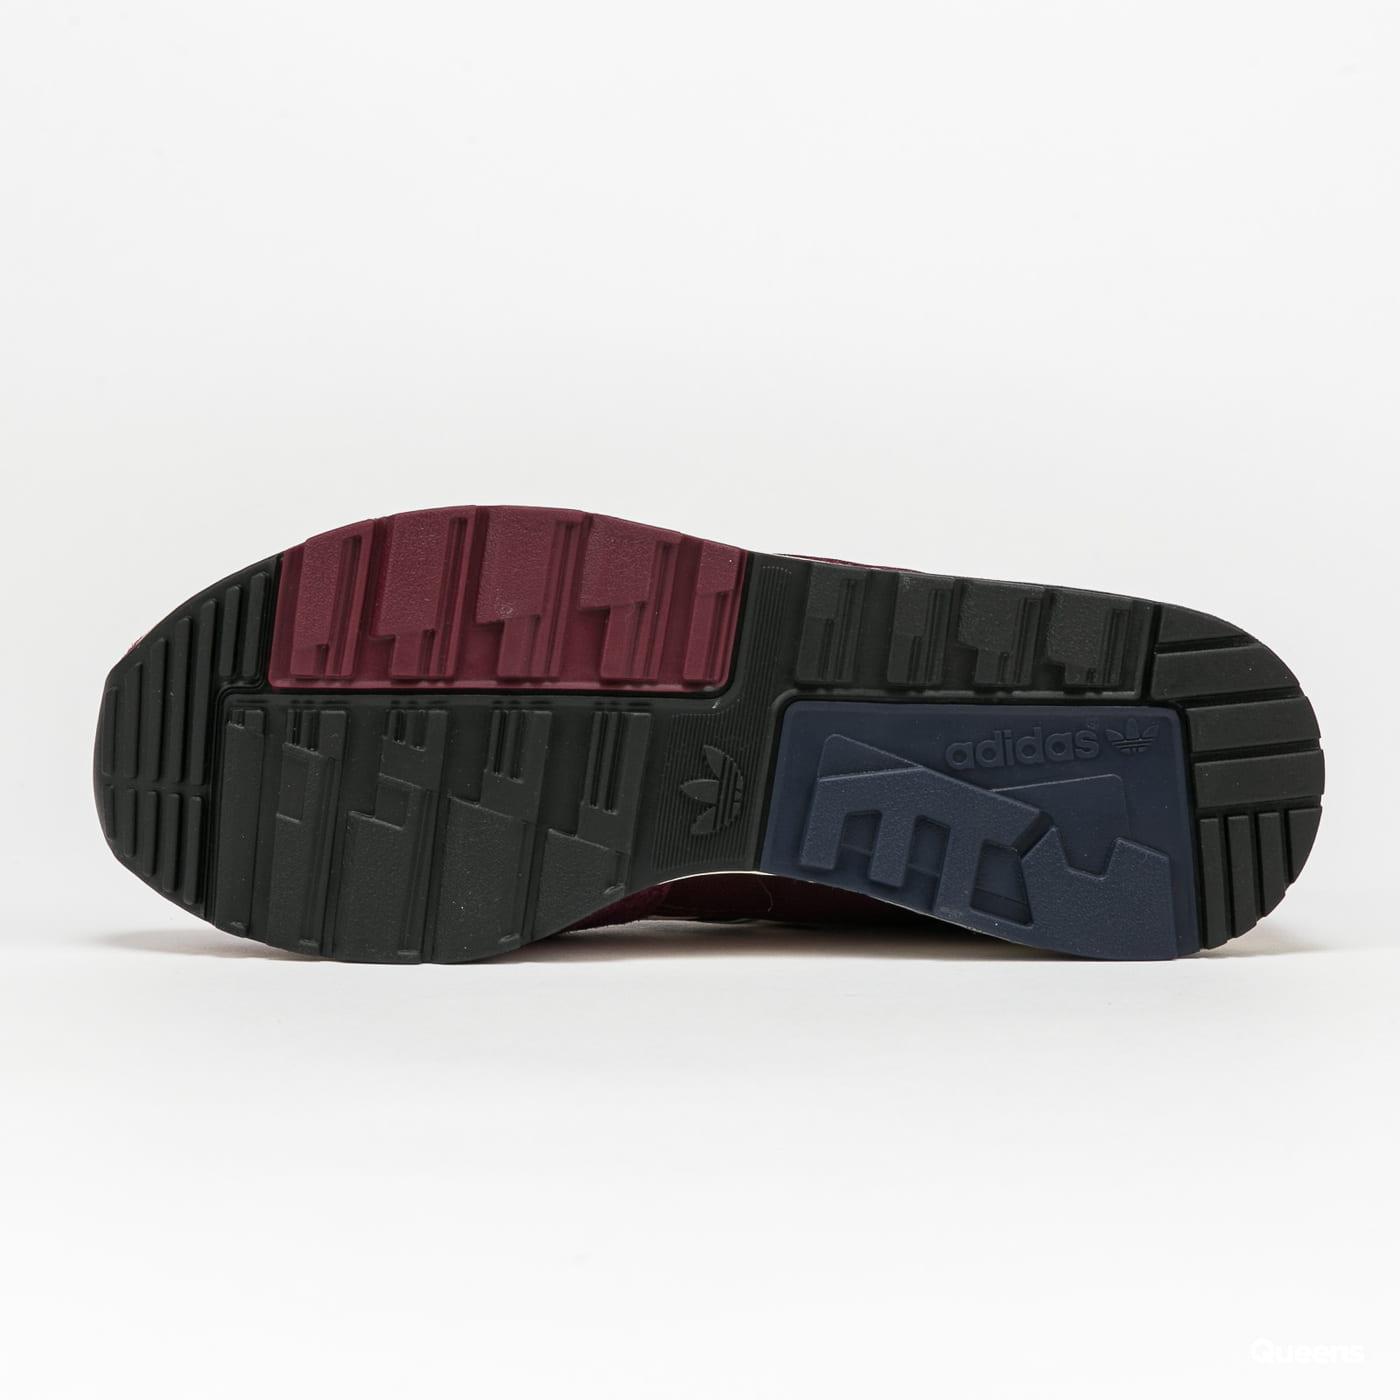 adidas Originals ZX 420 maroon / owhite / conavy